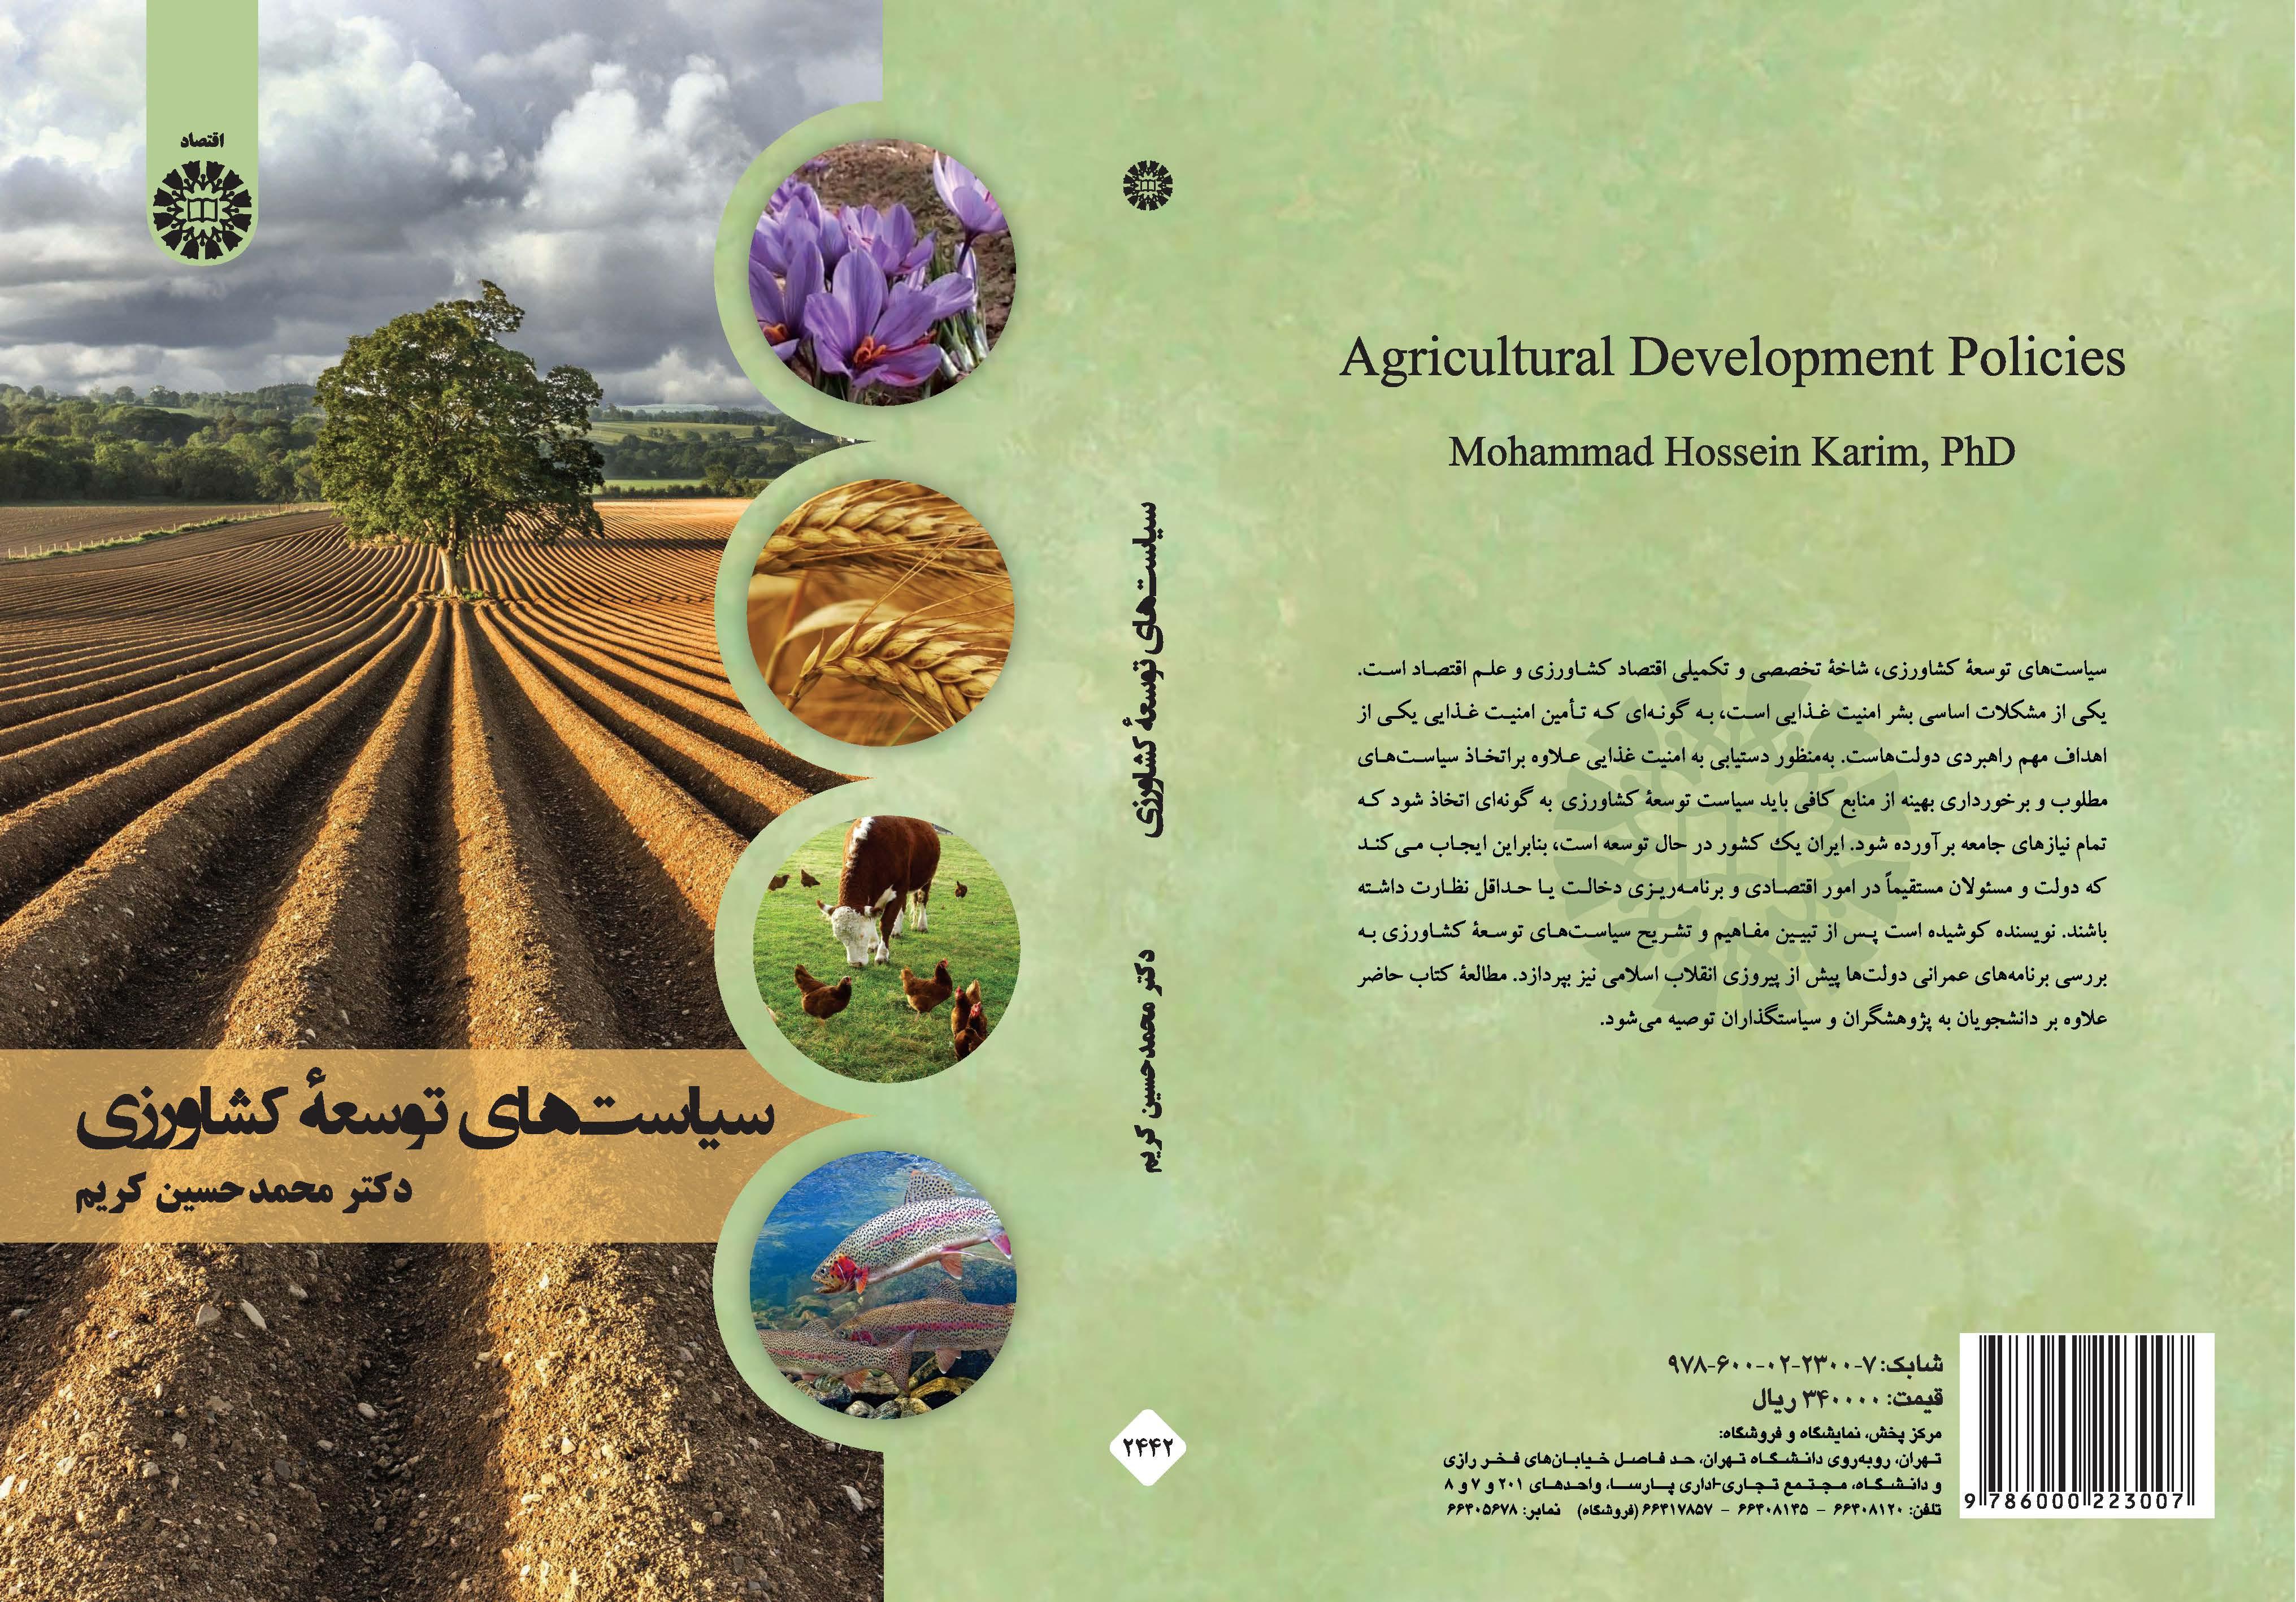 سیاست های توسعه کشاورزی